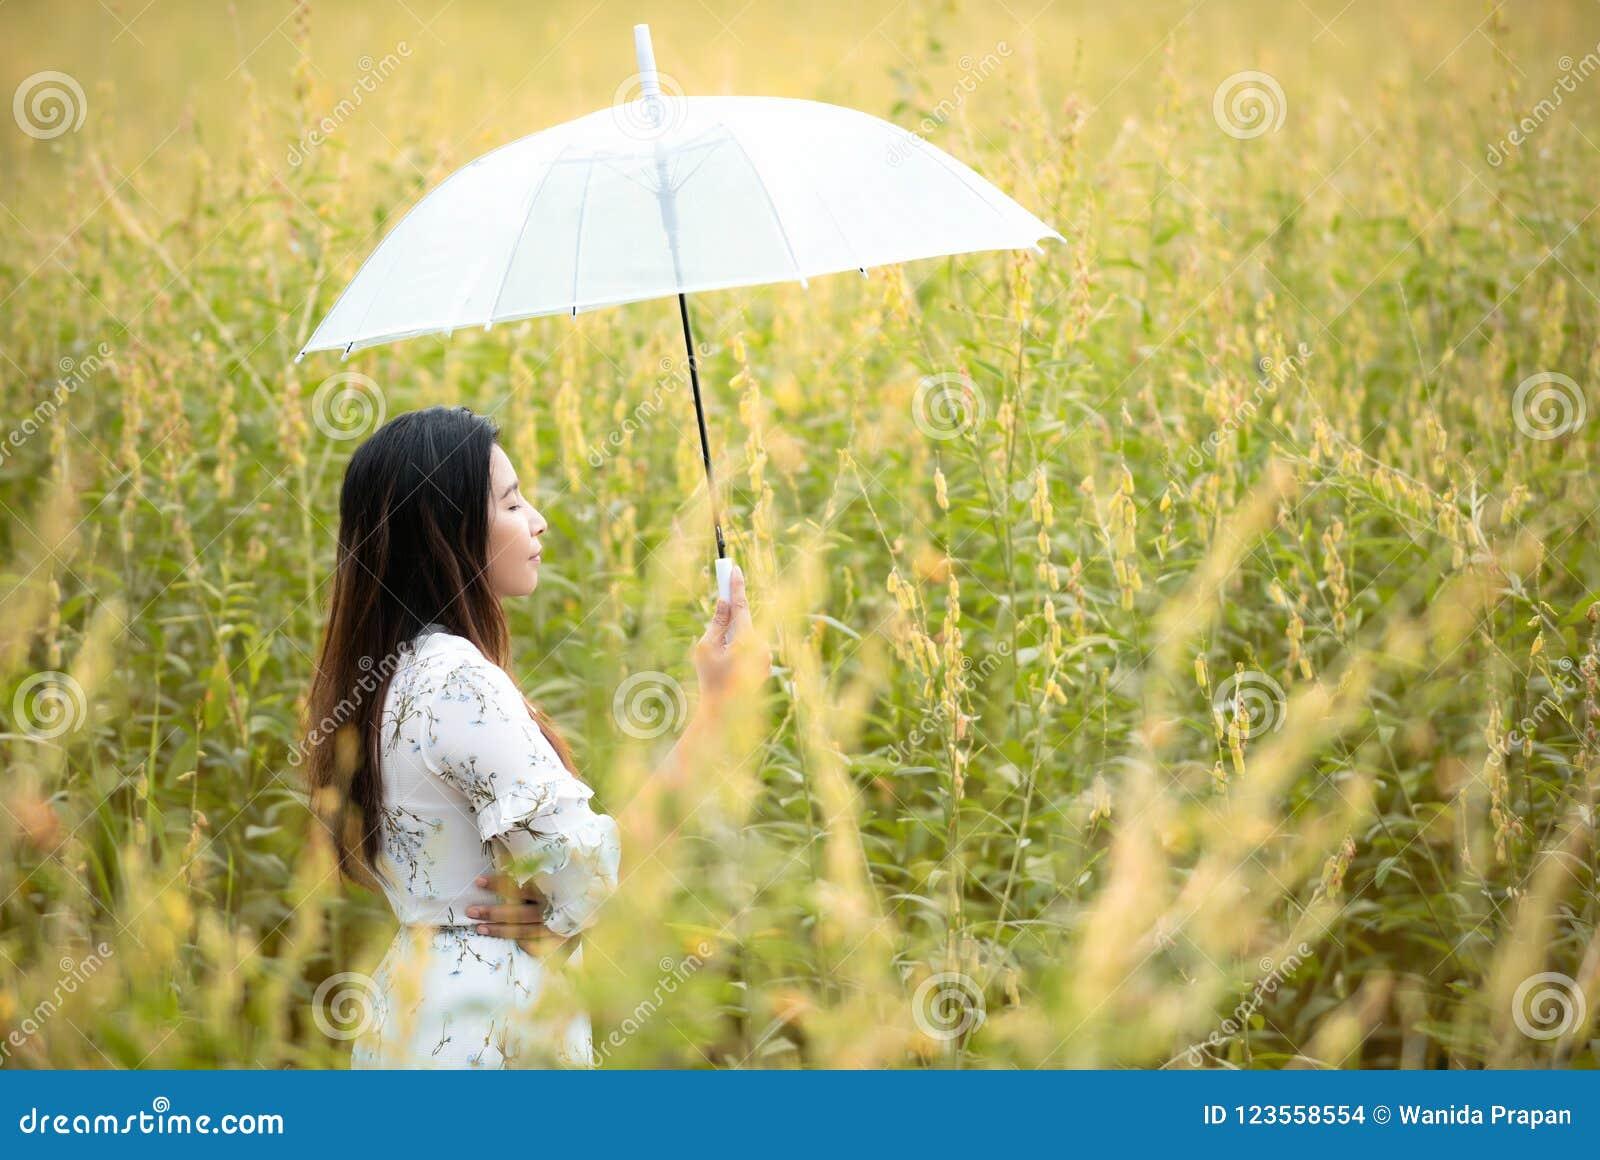 Mano asiática feliz de la forma de vida de la mujer que sostiene el paraguas en la salida del sol de la flor del amarillo del oto